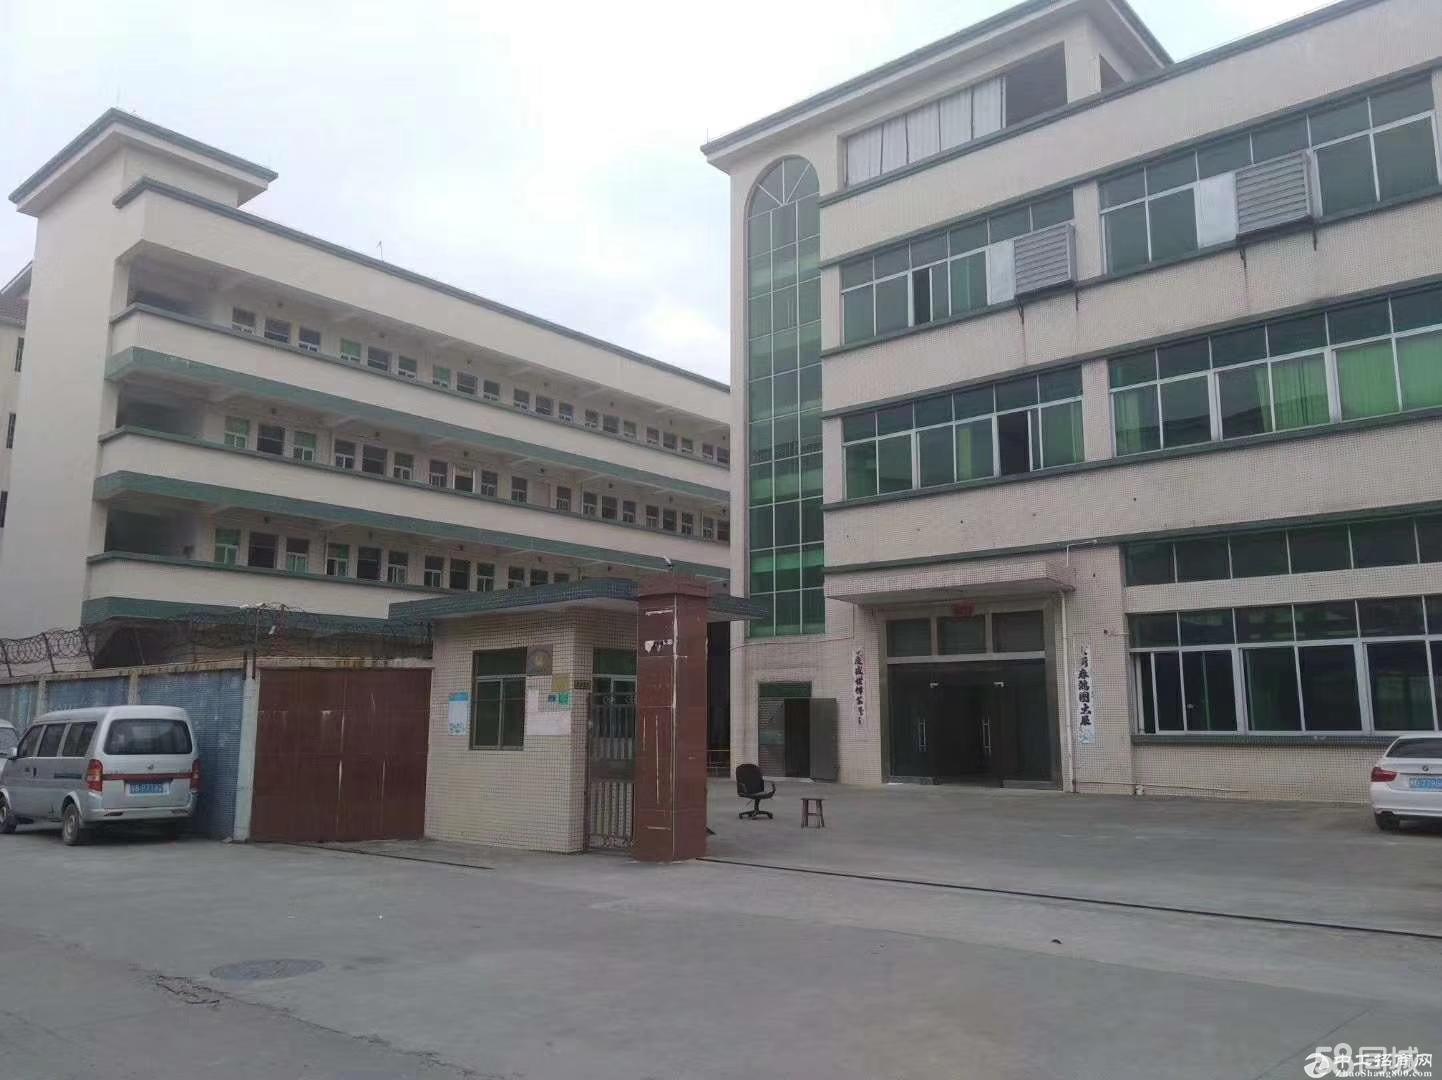 龙岗区平湖山厦罗山工业区三楼3100单层标准厂房出租 带装修-图2